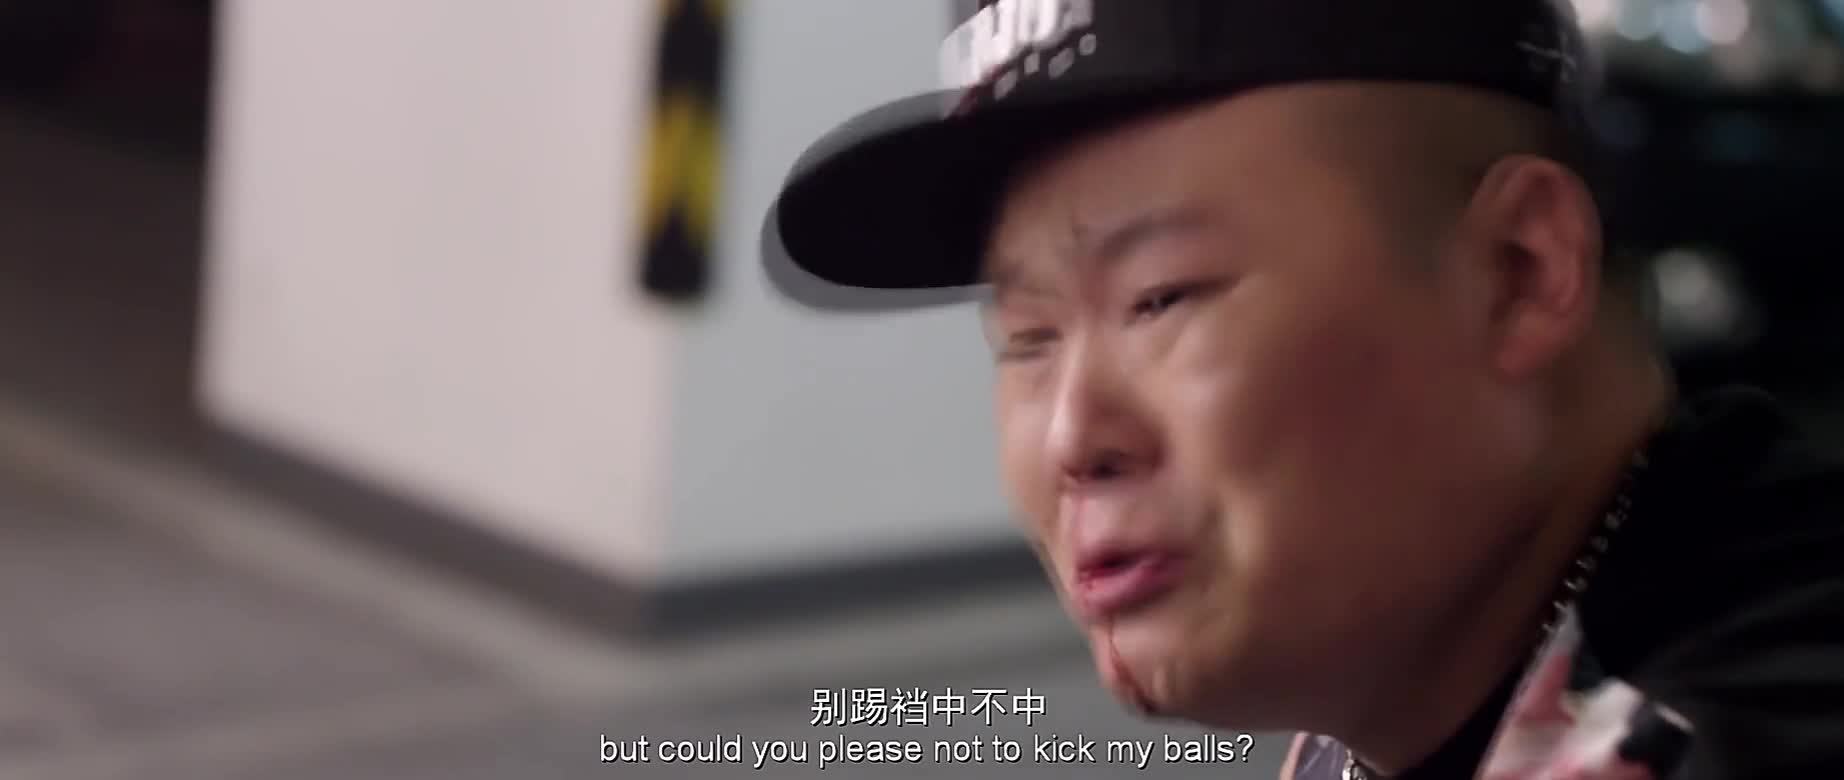 #经典看电影#袁姗姗踢裆,太狠毒了吧